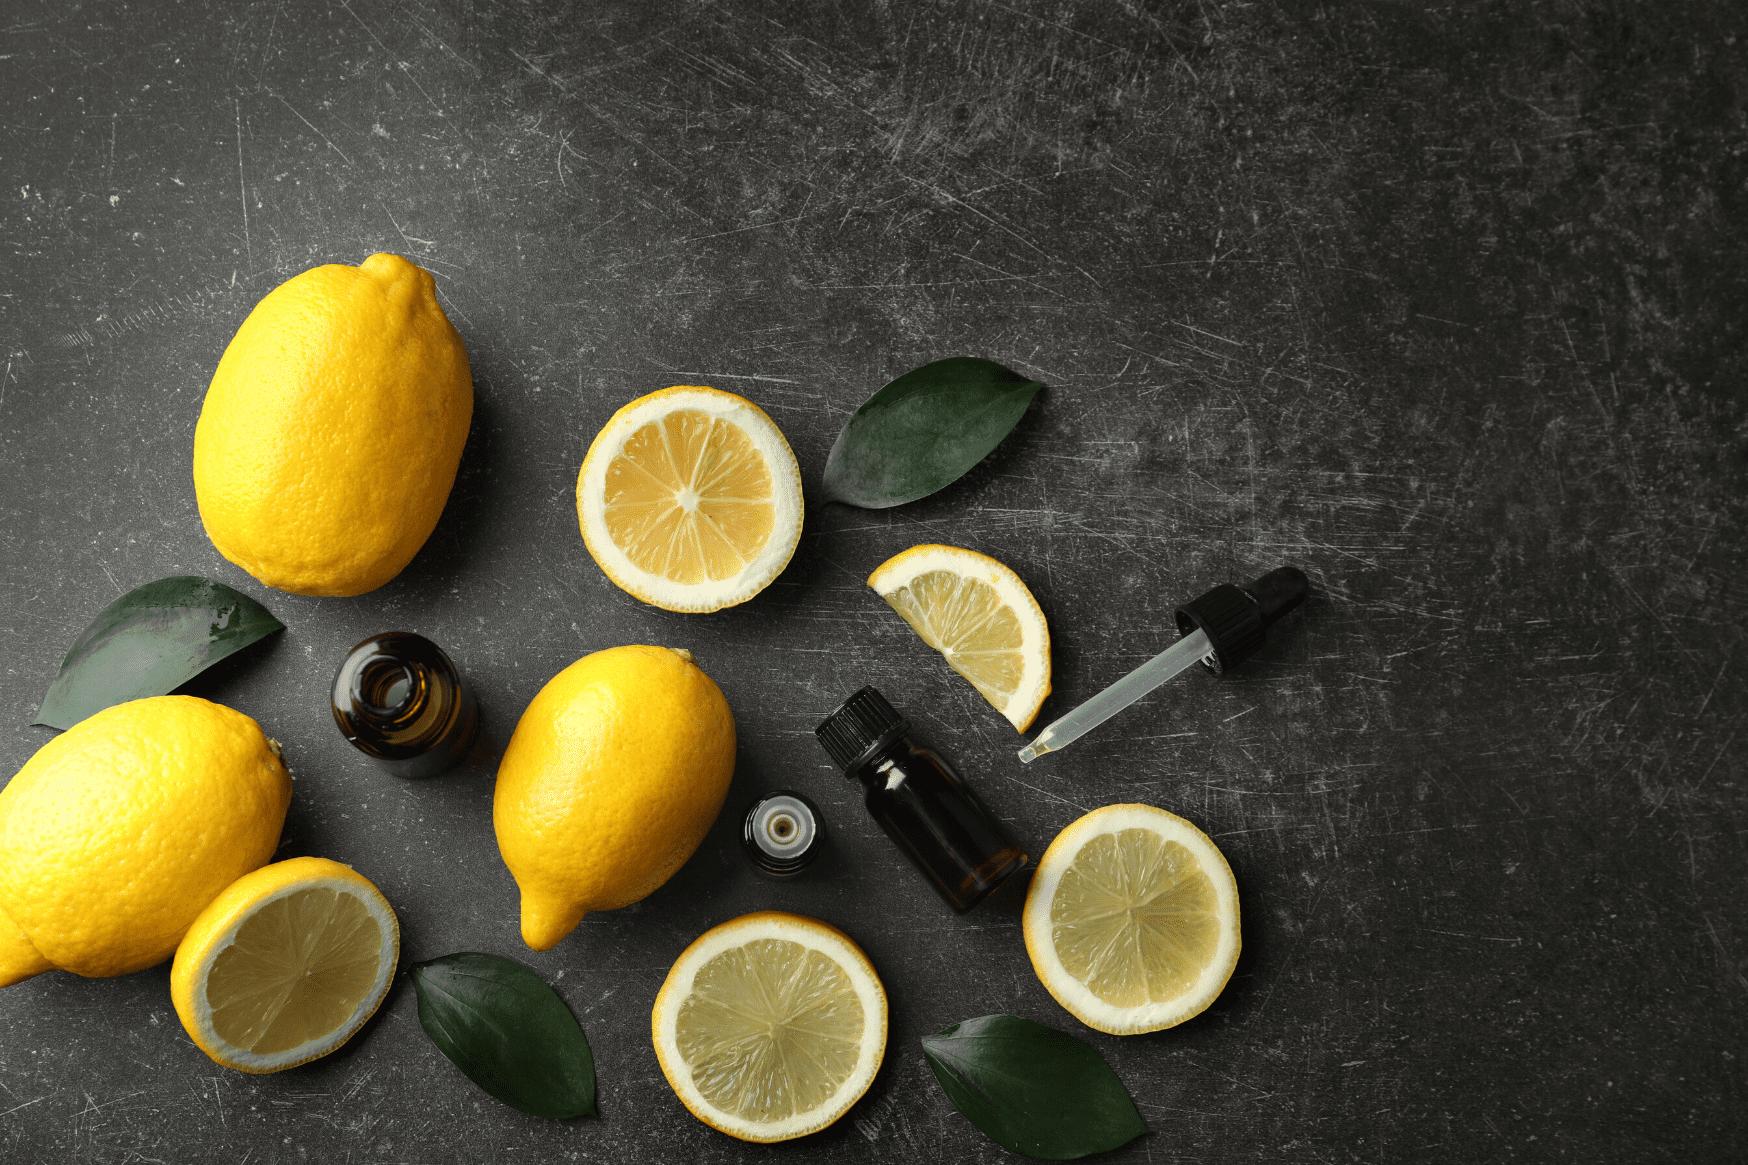 huiles essentielle, citron, recette, conseil, basilic